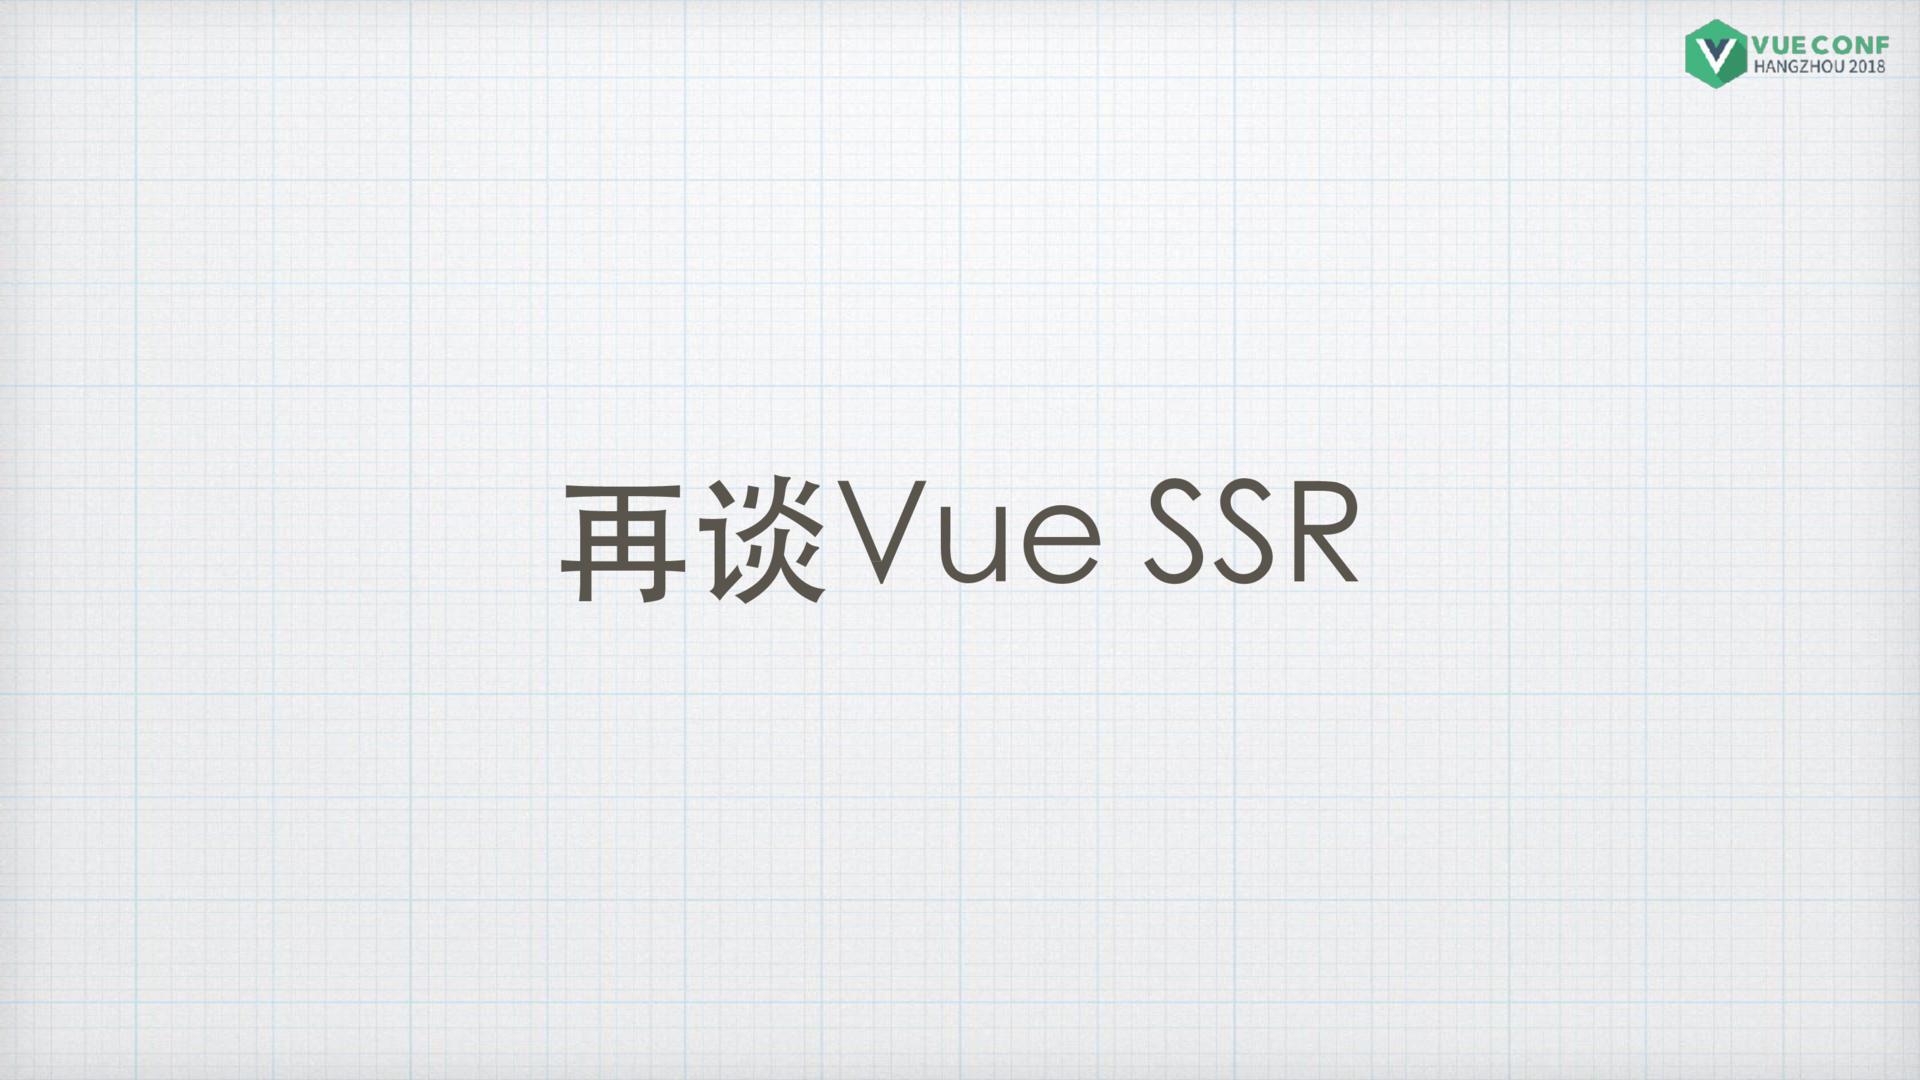 再谈Vue SSR -- 响应式数据流在快手游戏直播中的应用